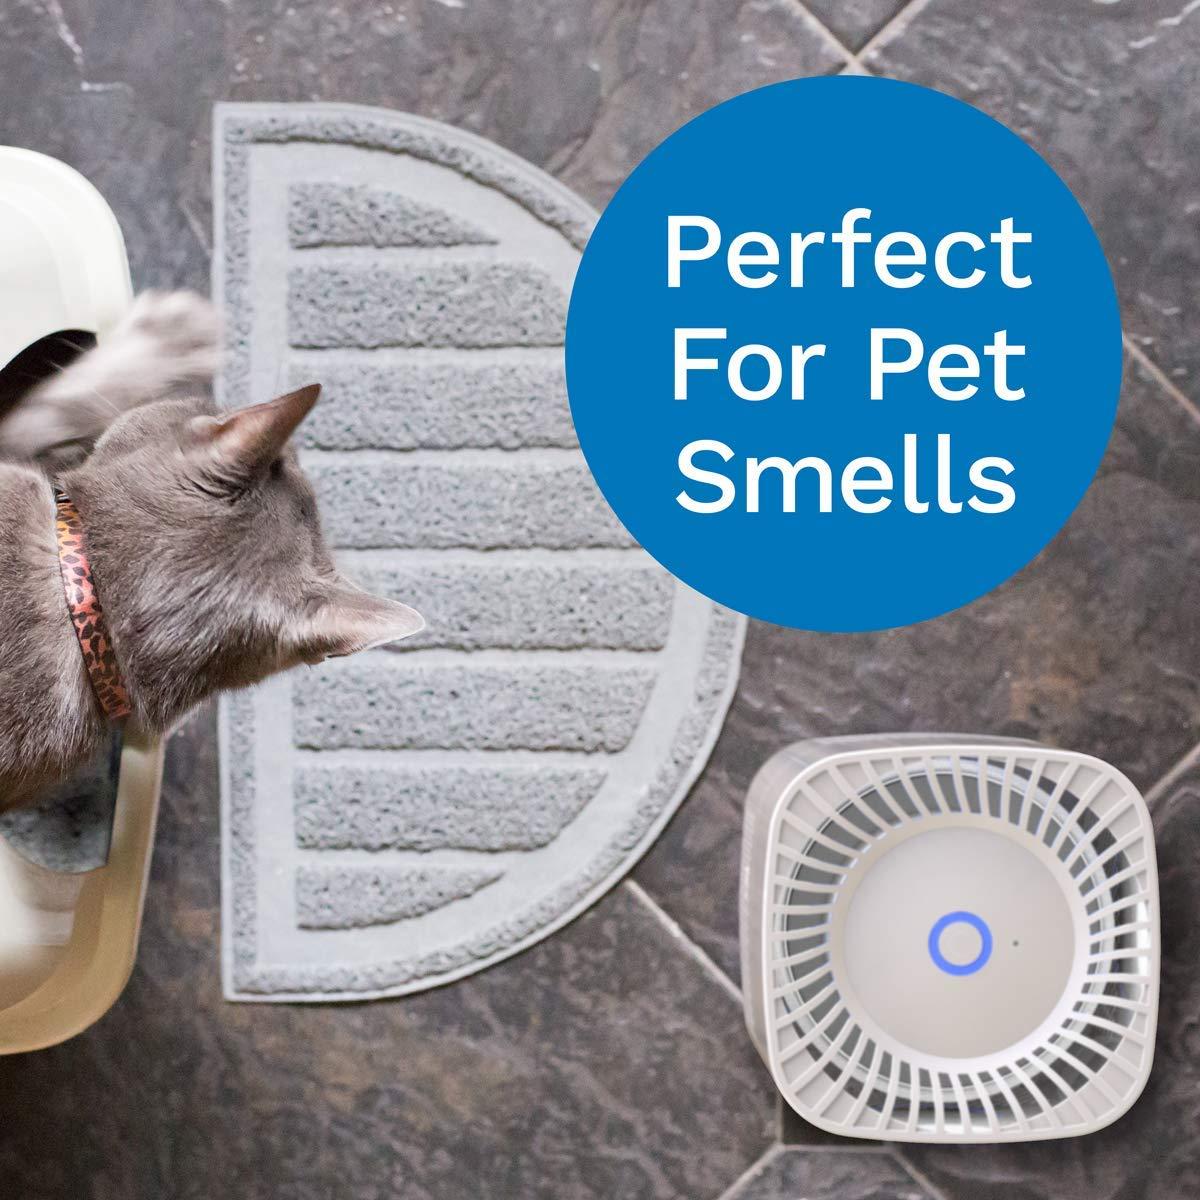 IRIVER BLANK Purificateur dair Ozoniseur dair pour D/ésodorisant Maison G/én/érateur Dozone Ioniseur St/érilisation Filtre Germicide D/ésinfection Salle Blanche